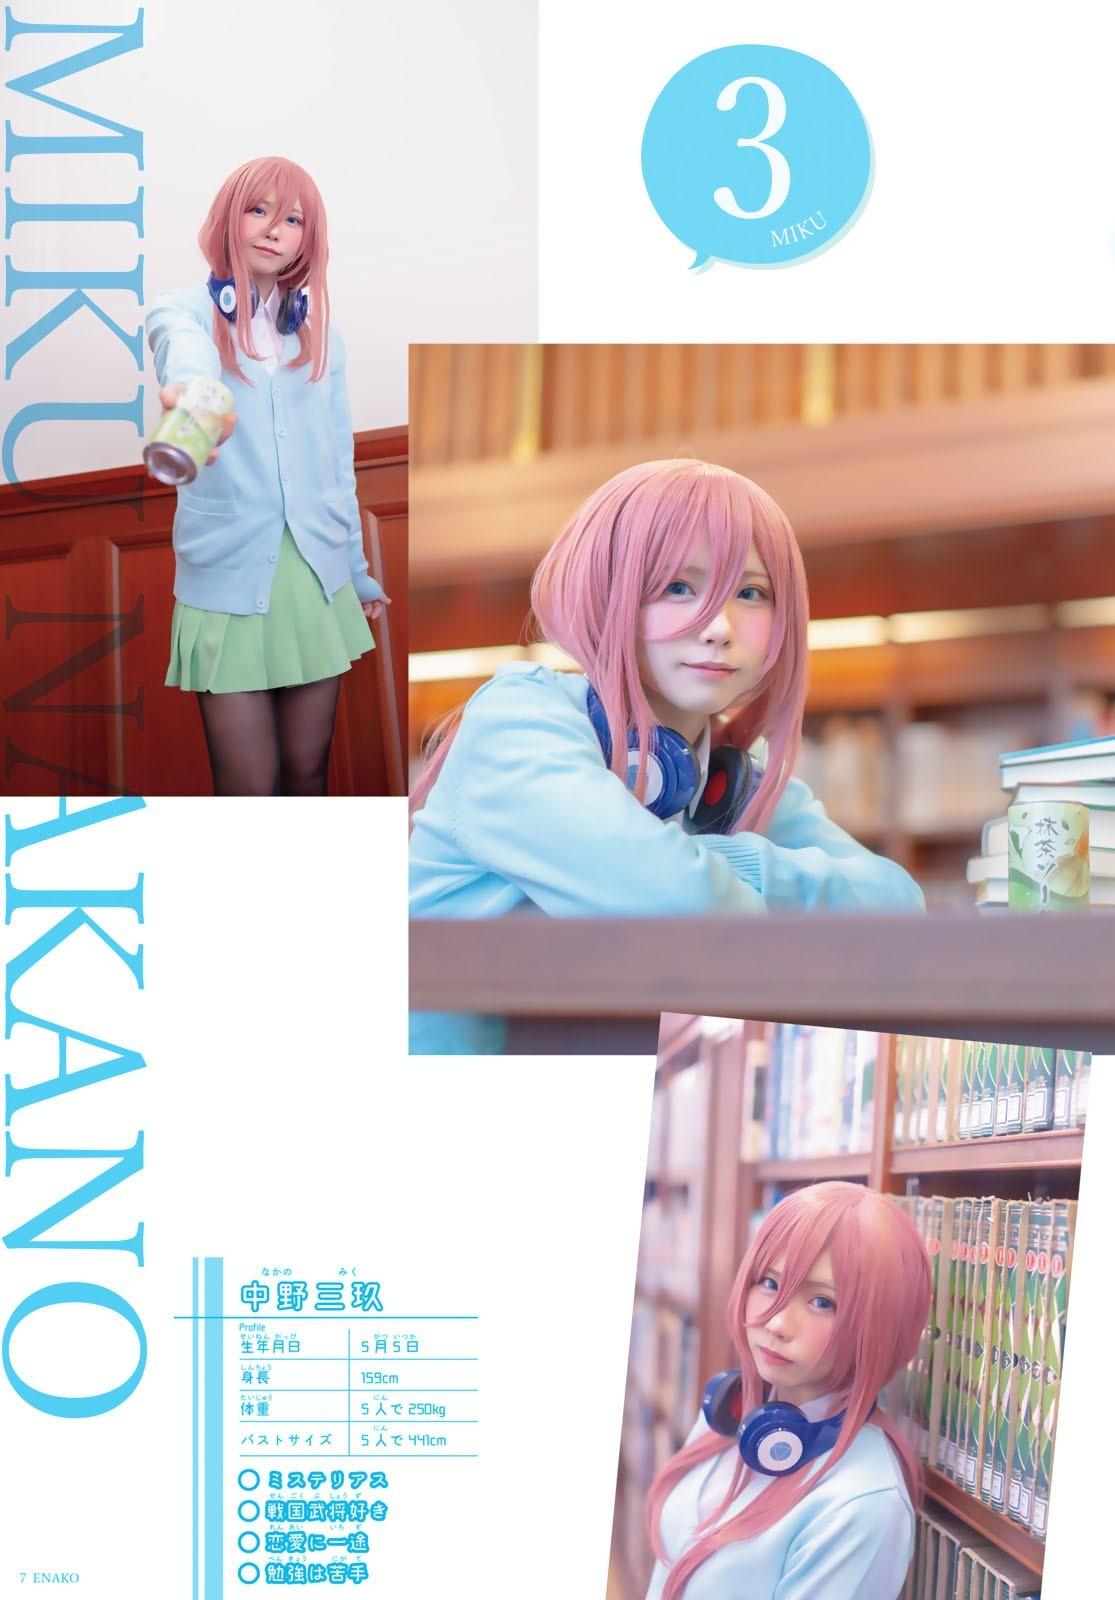 日本美少女enako一人分饰五角,cosplay《五等分的花嫁》中的妹子 第10张